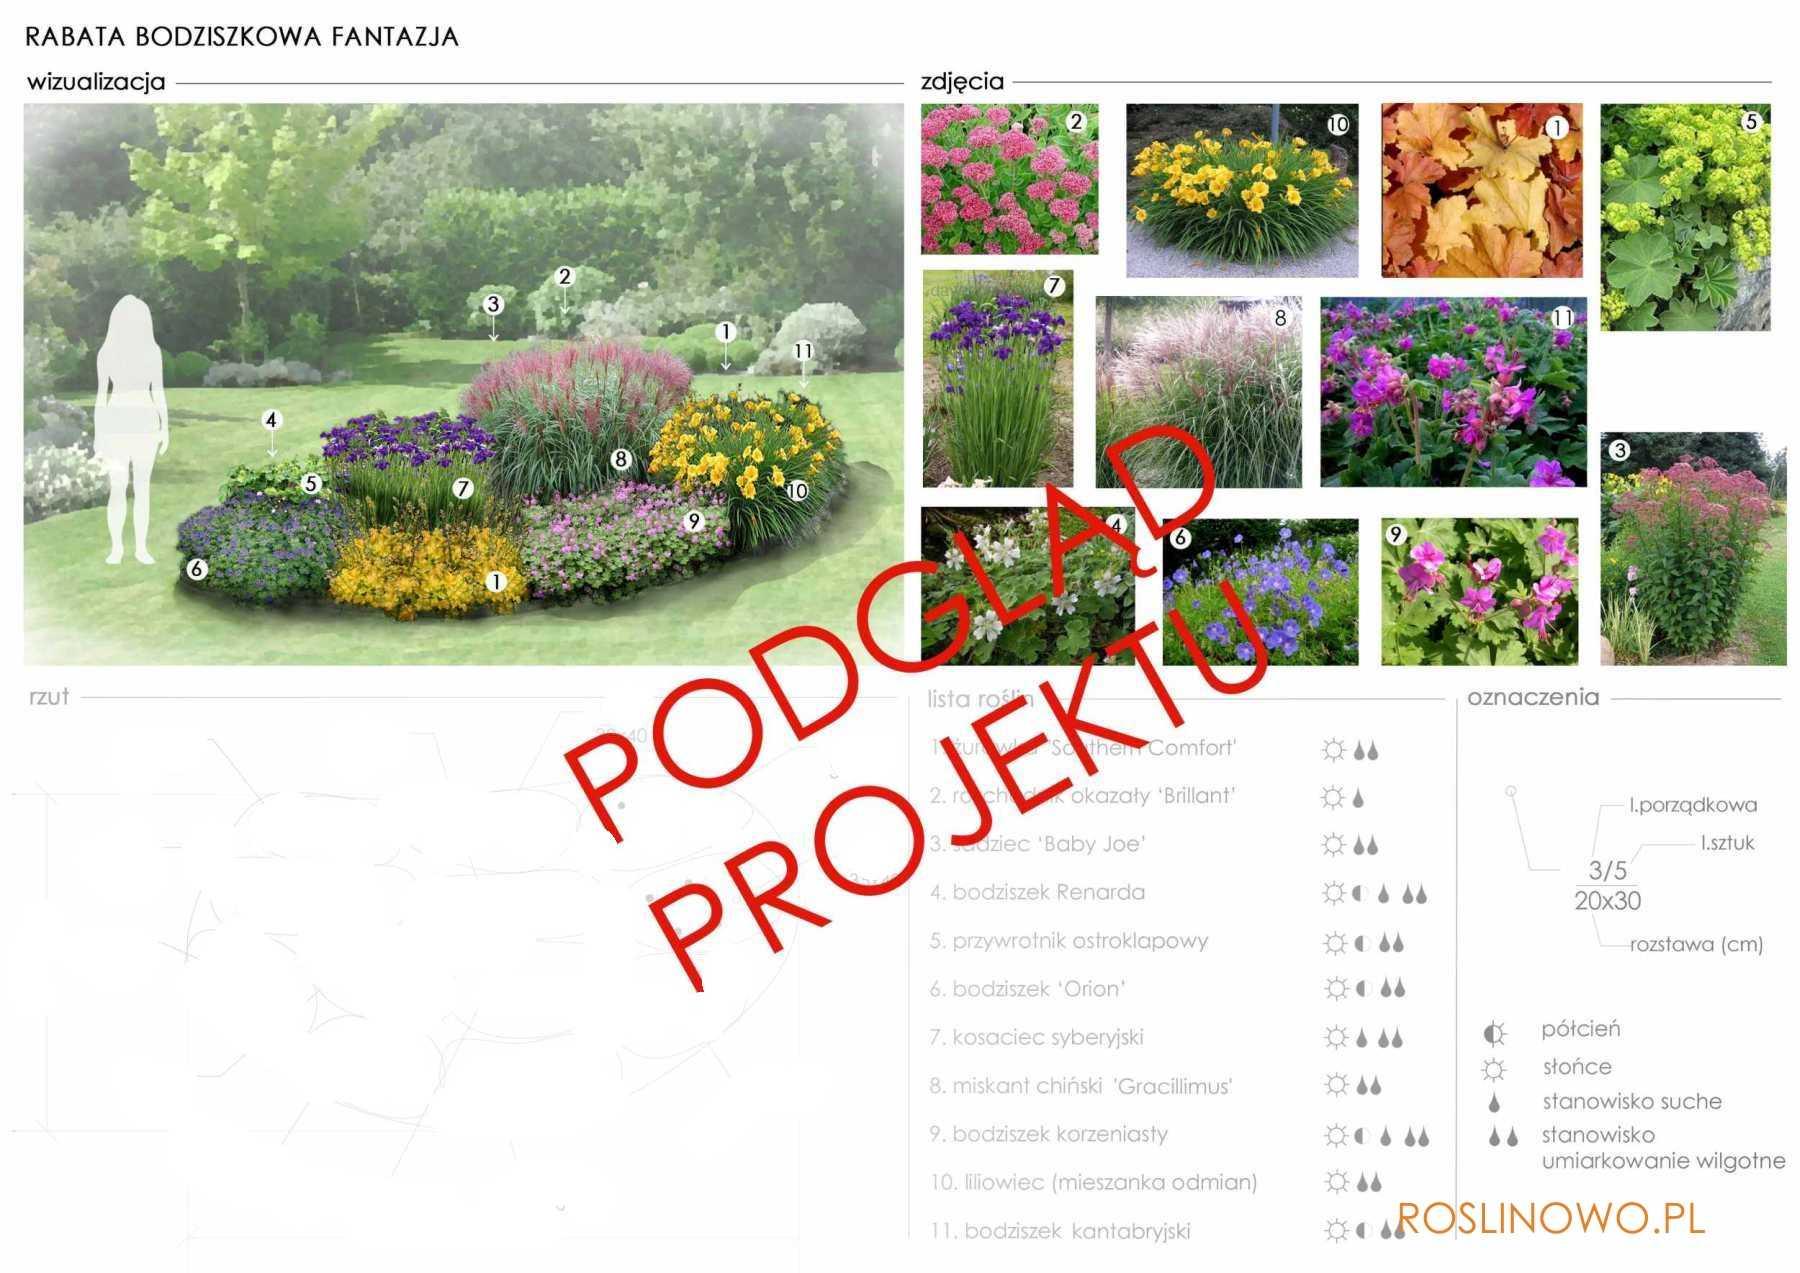 projekt nasadzeń roślin w projekcie rabaty- bodziszkowa fantazja